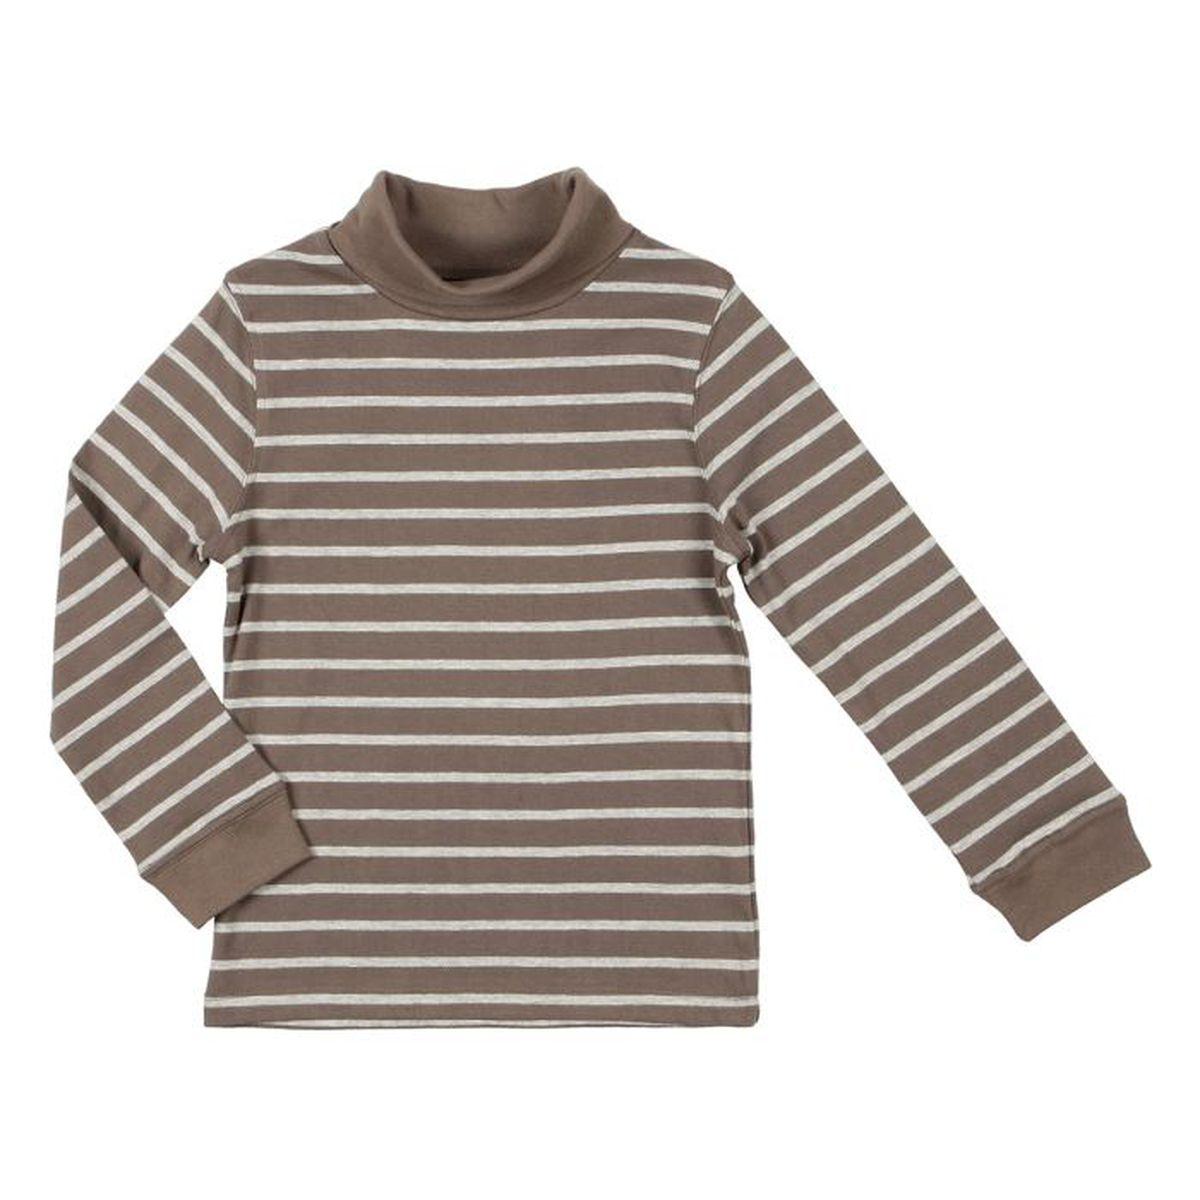 epop boys sous pull enfant gar on beige et gris achat. Black Bedroom Furniture Sets. Home Design Ideas